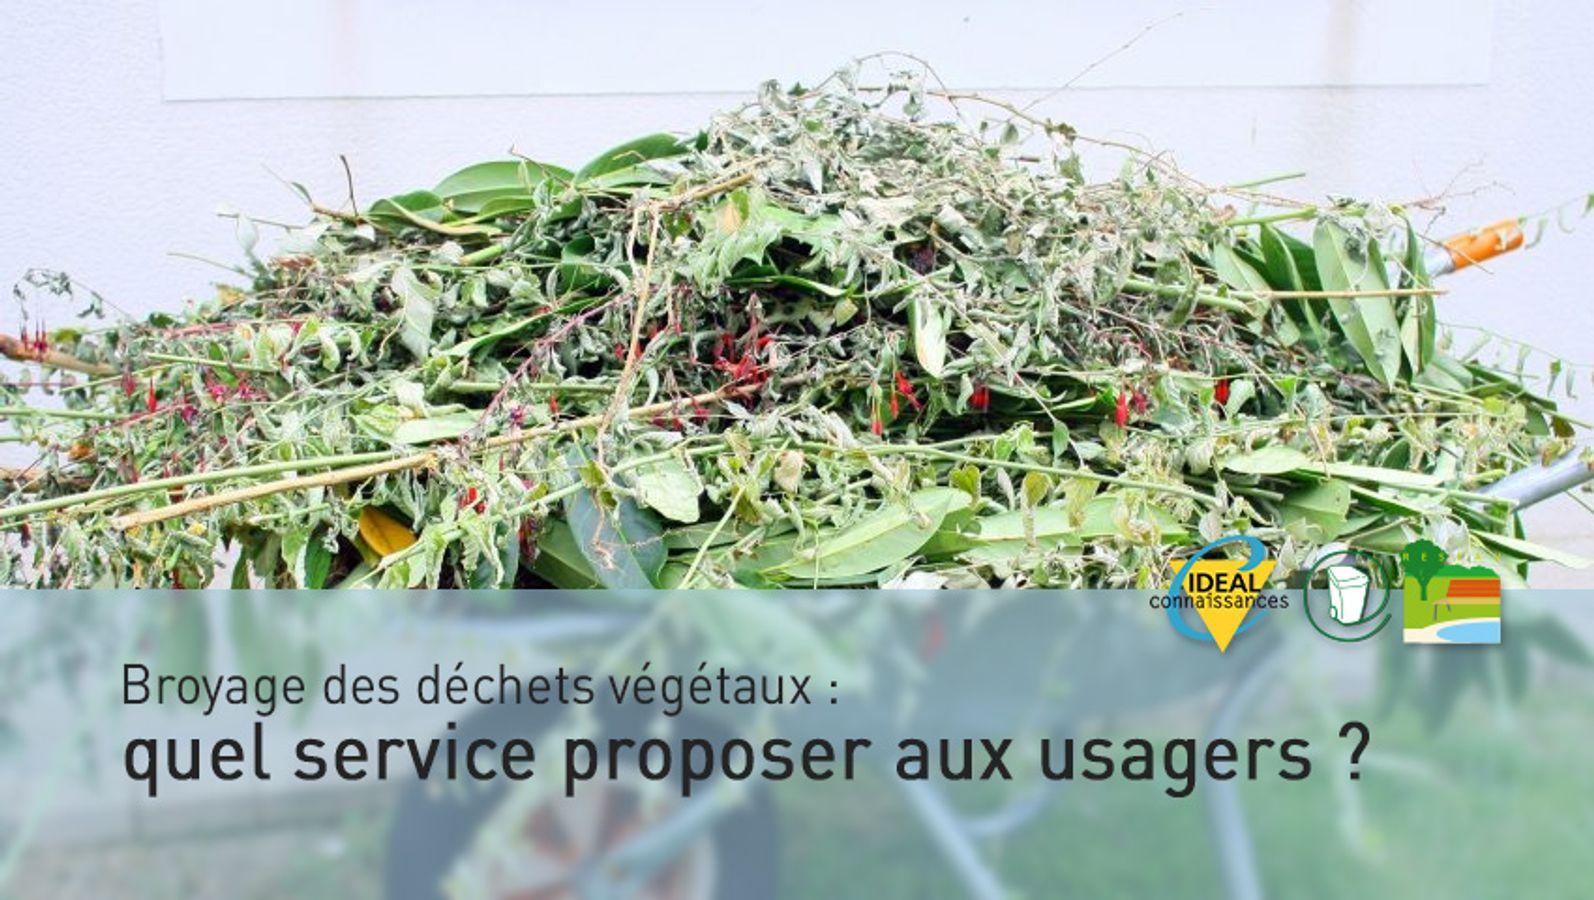 Broyage des déchets végétaux : quel service proposer aux usagers ?